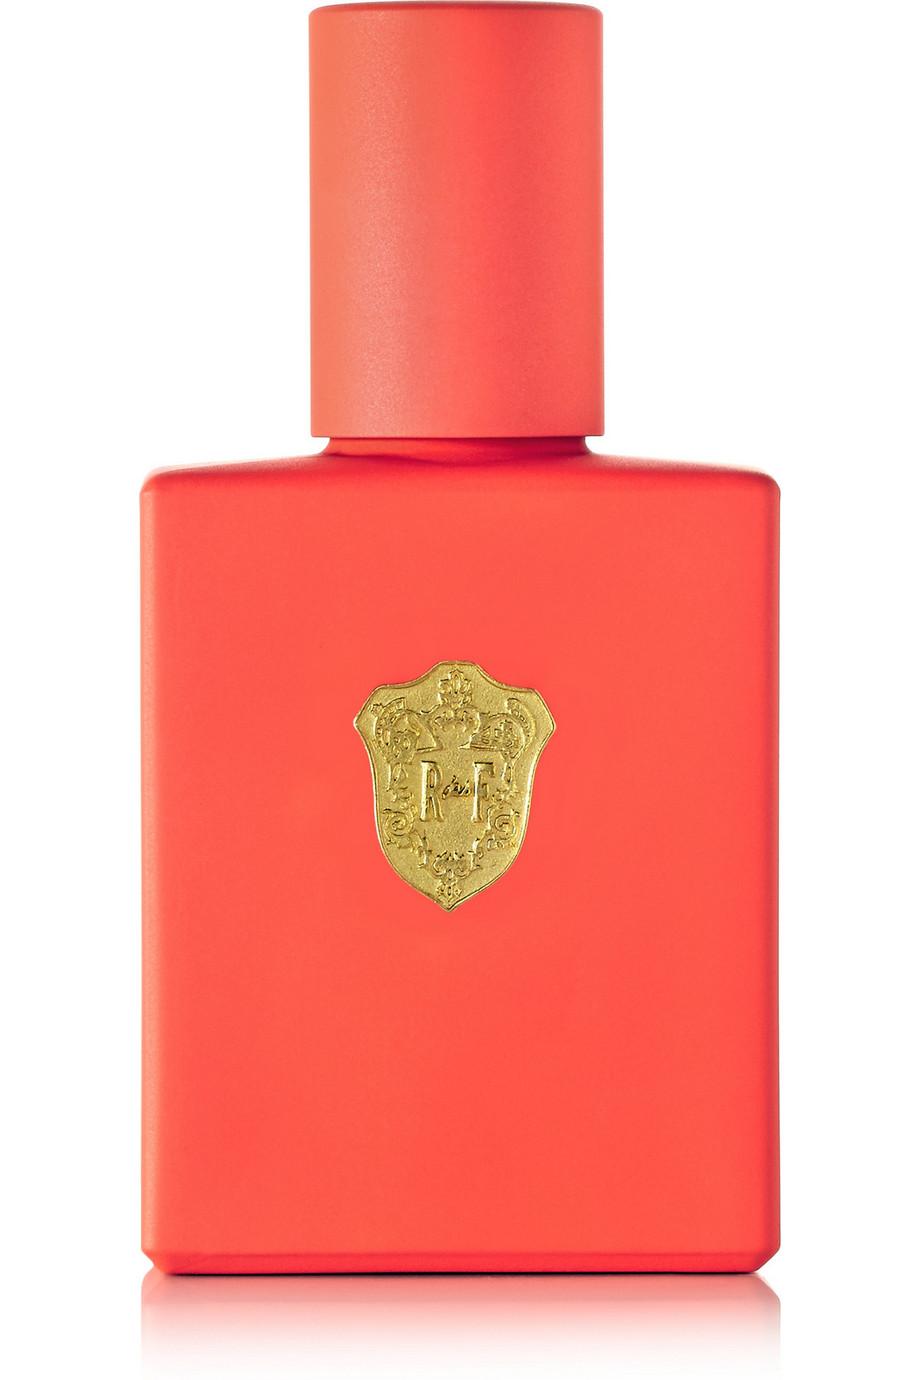 Nitesurf Eau De Parfum - Orange Blossom & Seashells, 33ml, by Régime des Fleurs